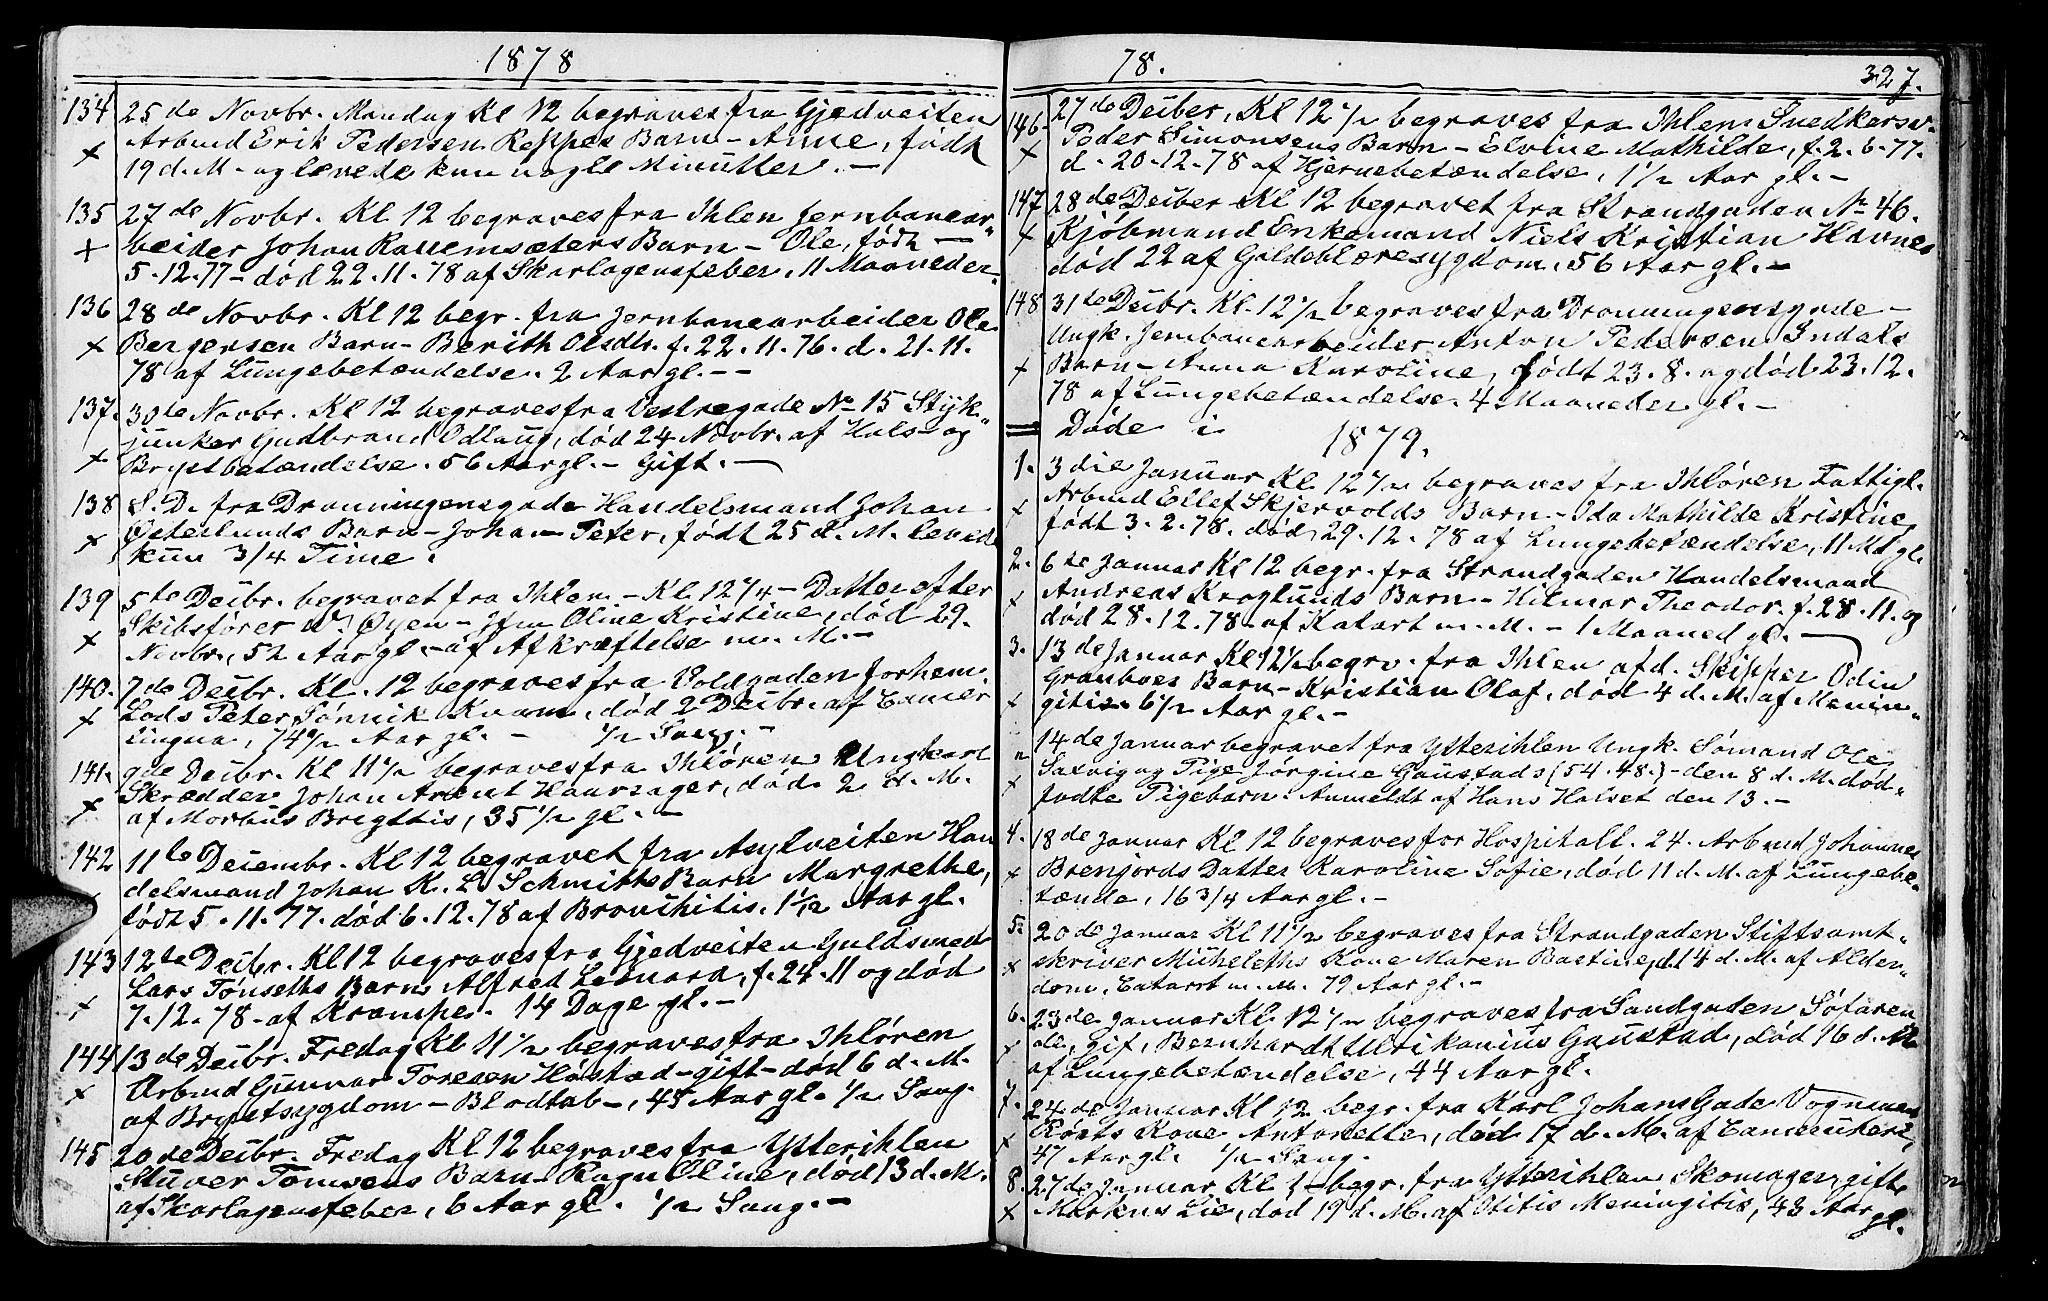 SAT, Ministerialprotokoller, klokkerbøker og fødselsregistre - Sør-Trøndelag, 602/L0142: Klokkerbok nr. 602C10, 1872-1894, s. 327